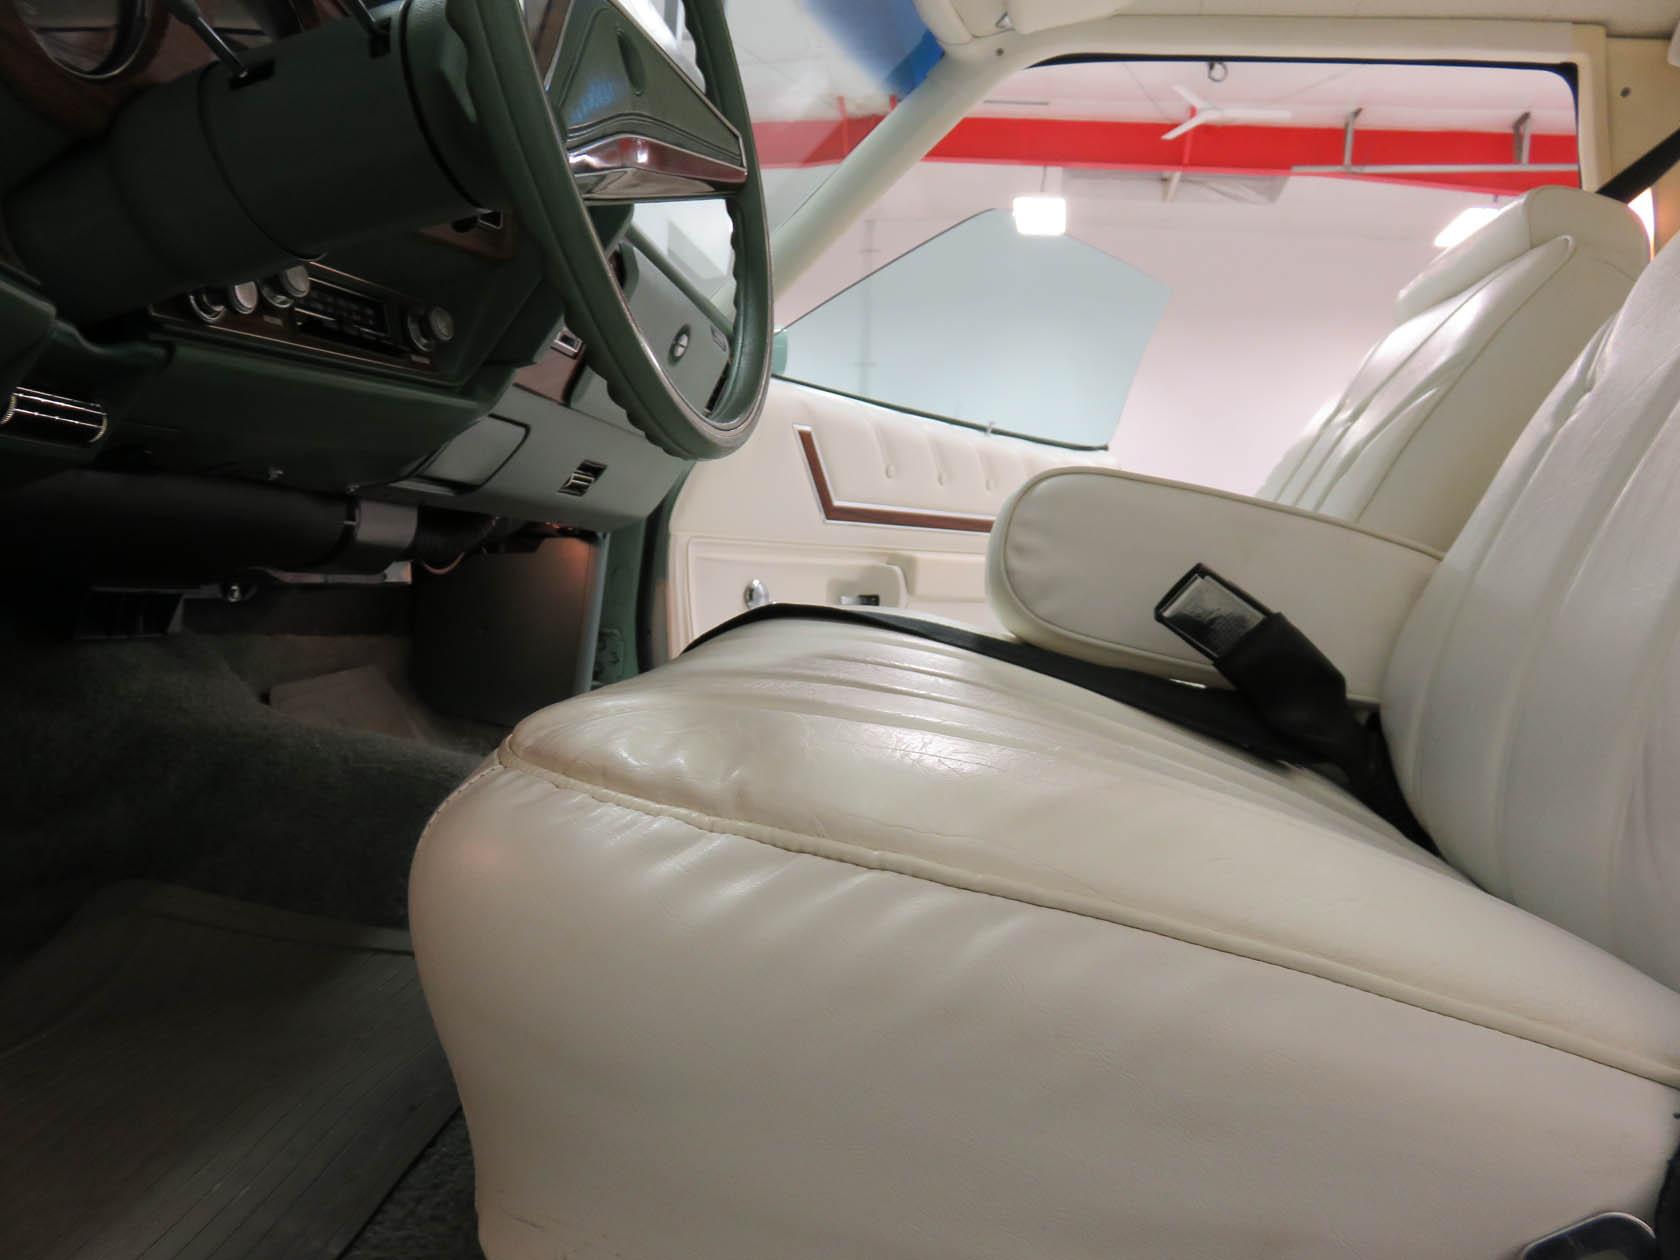 Michael Esposito - 1974 Oldsmobile Cutlasss Supreme 462